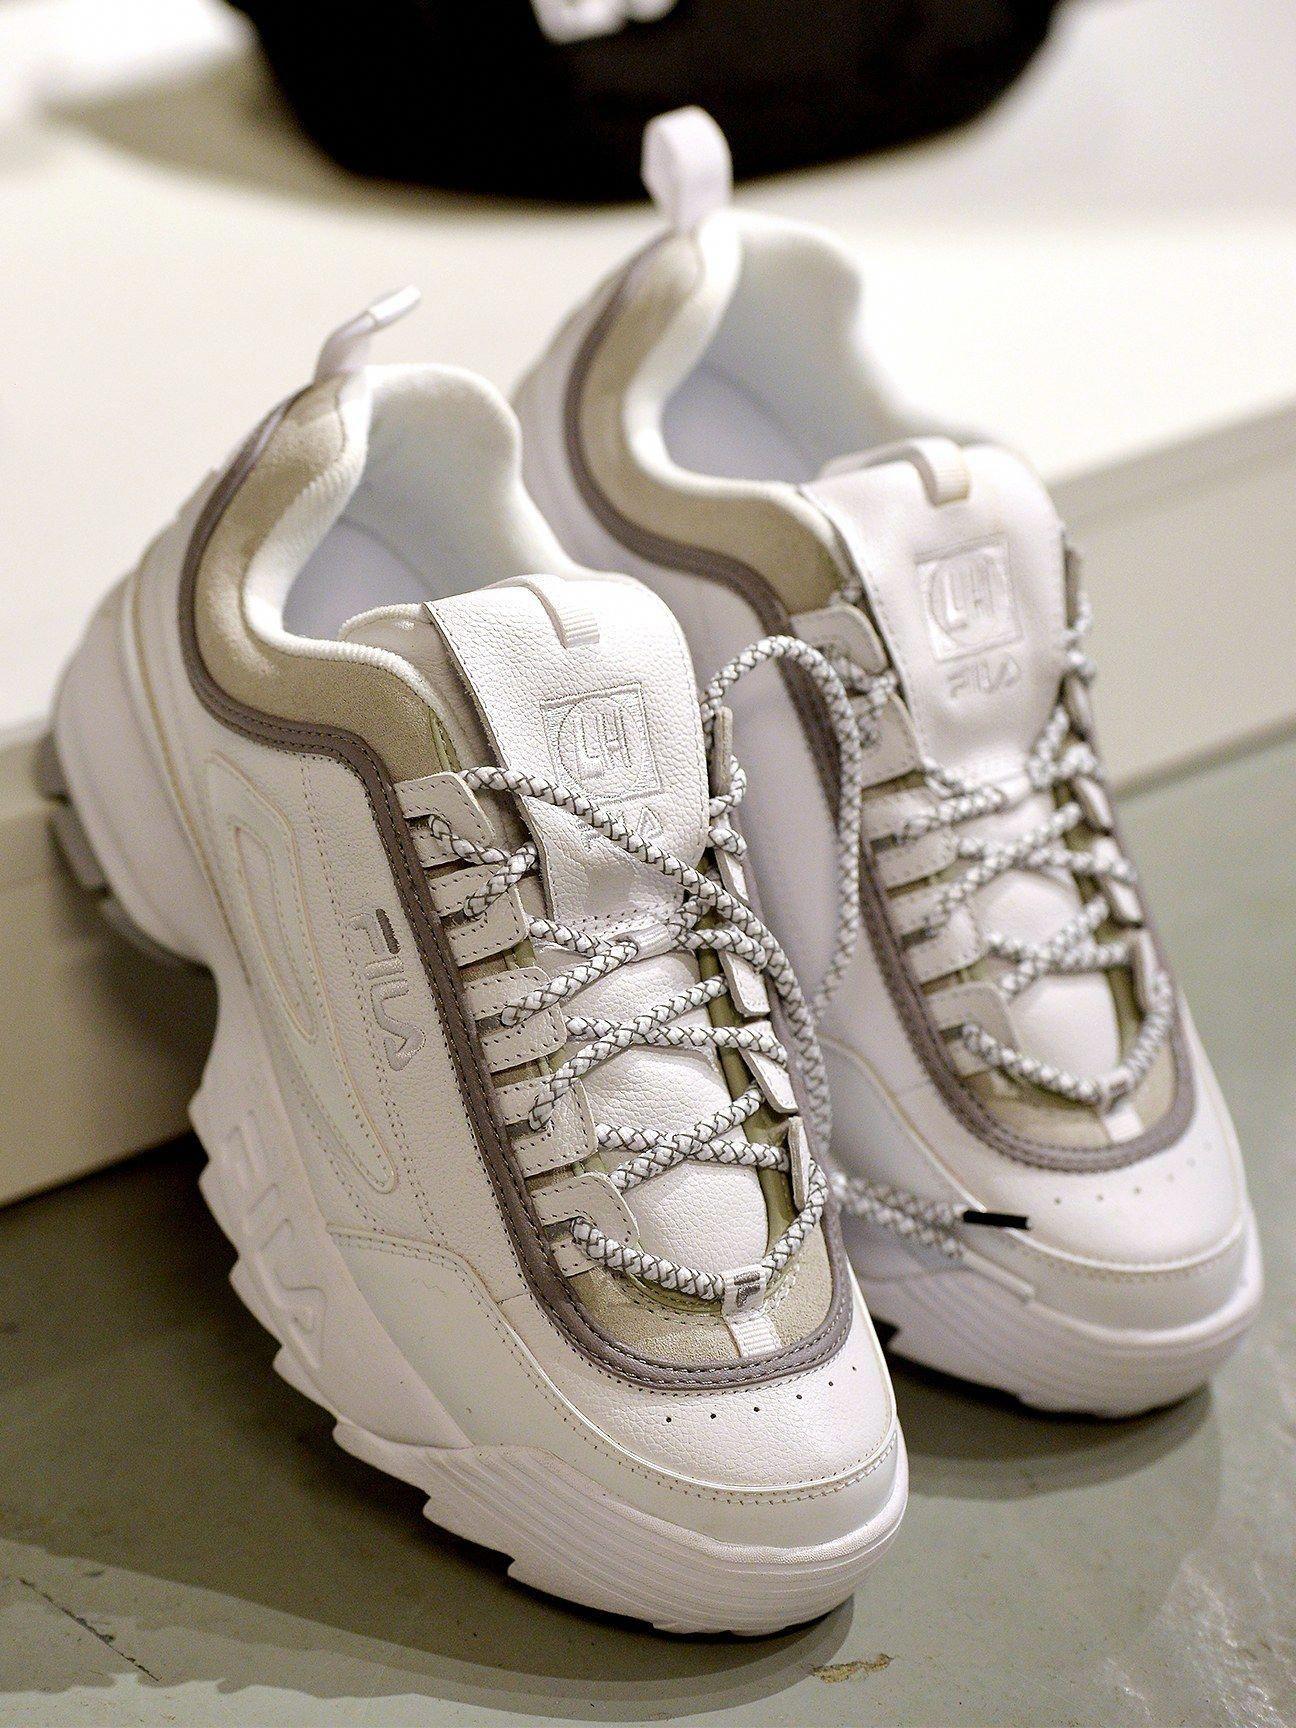 Liam Hodges x Fila #MensFashionSneakers